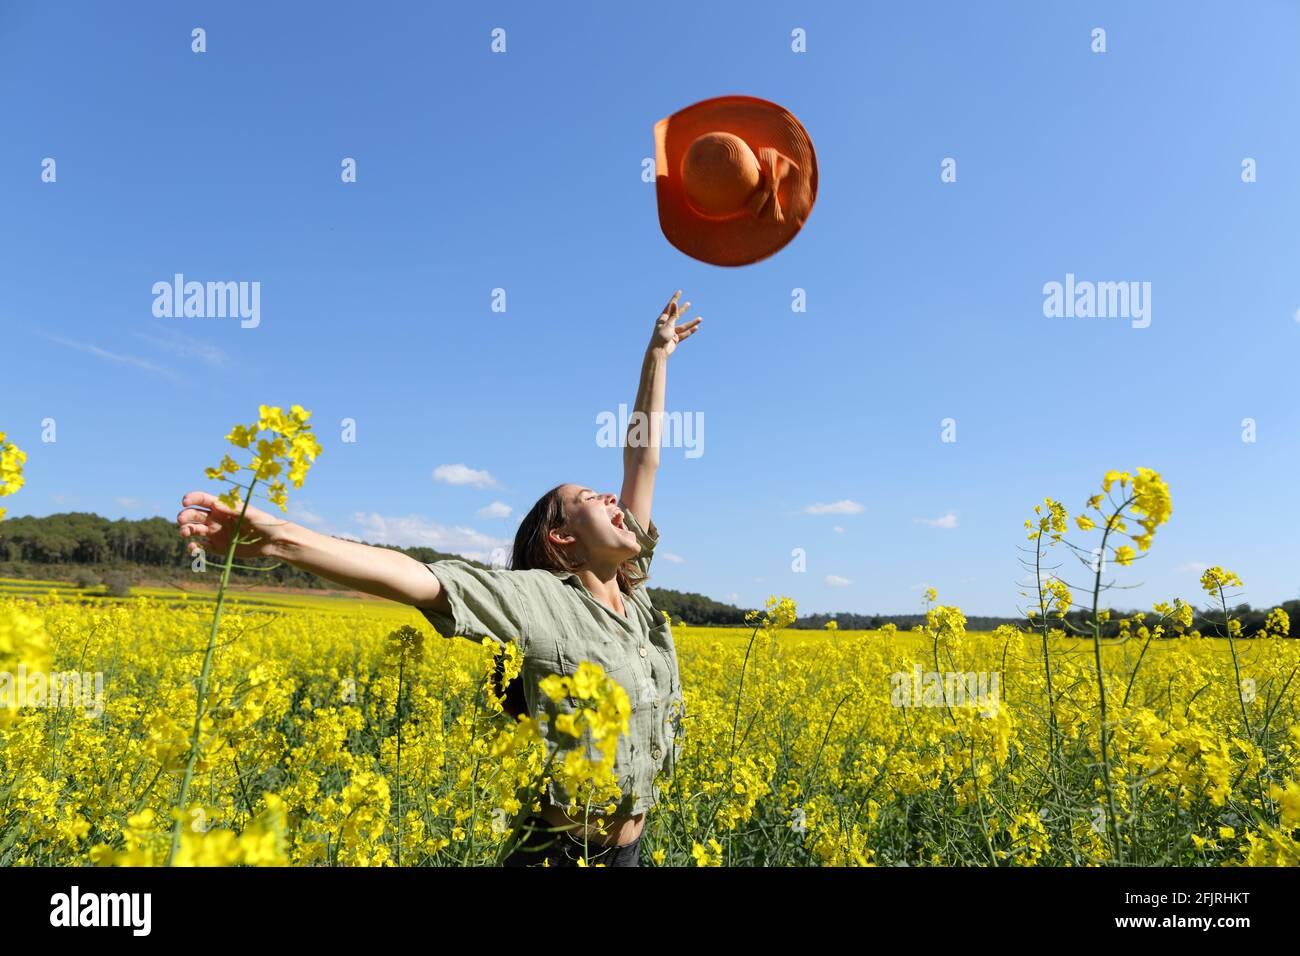 Mujer feliz lanzando pamela celebrando vacaciones en un amarillo florecido campo en primavera Foto de stock